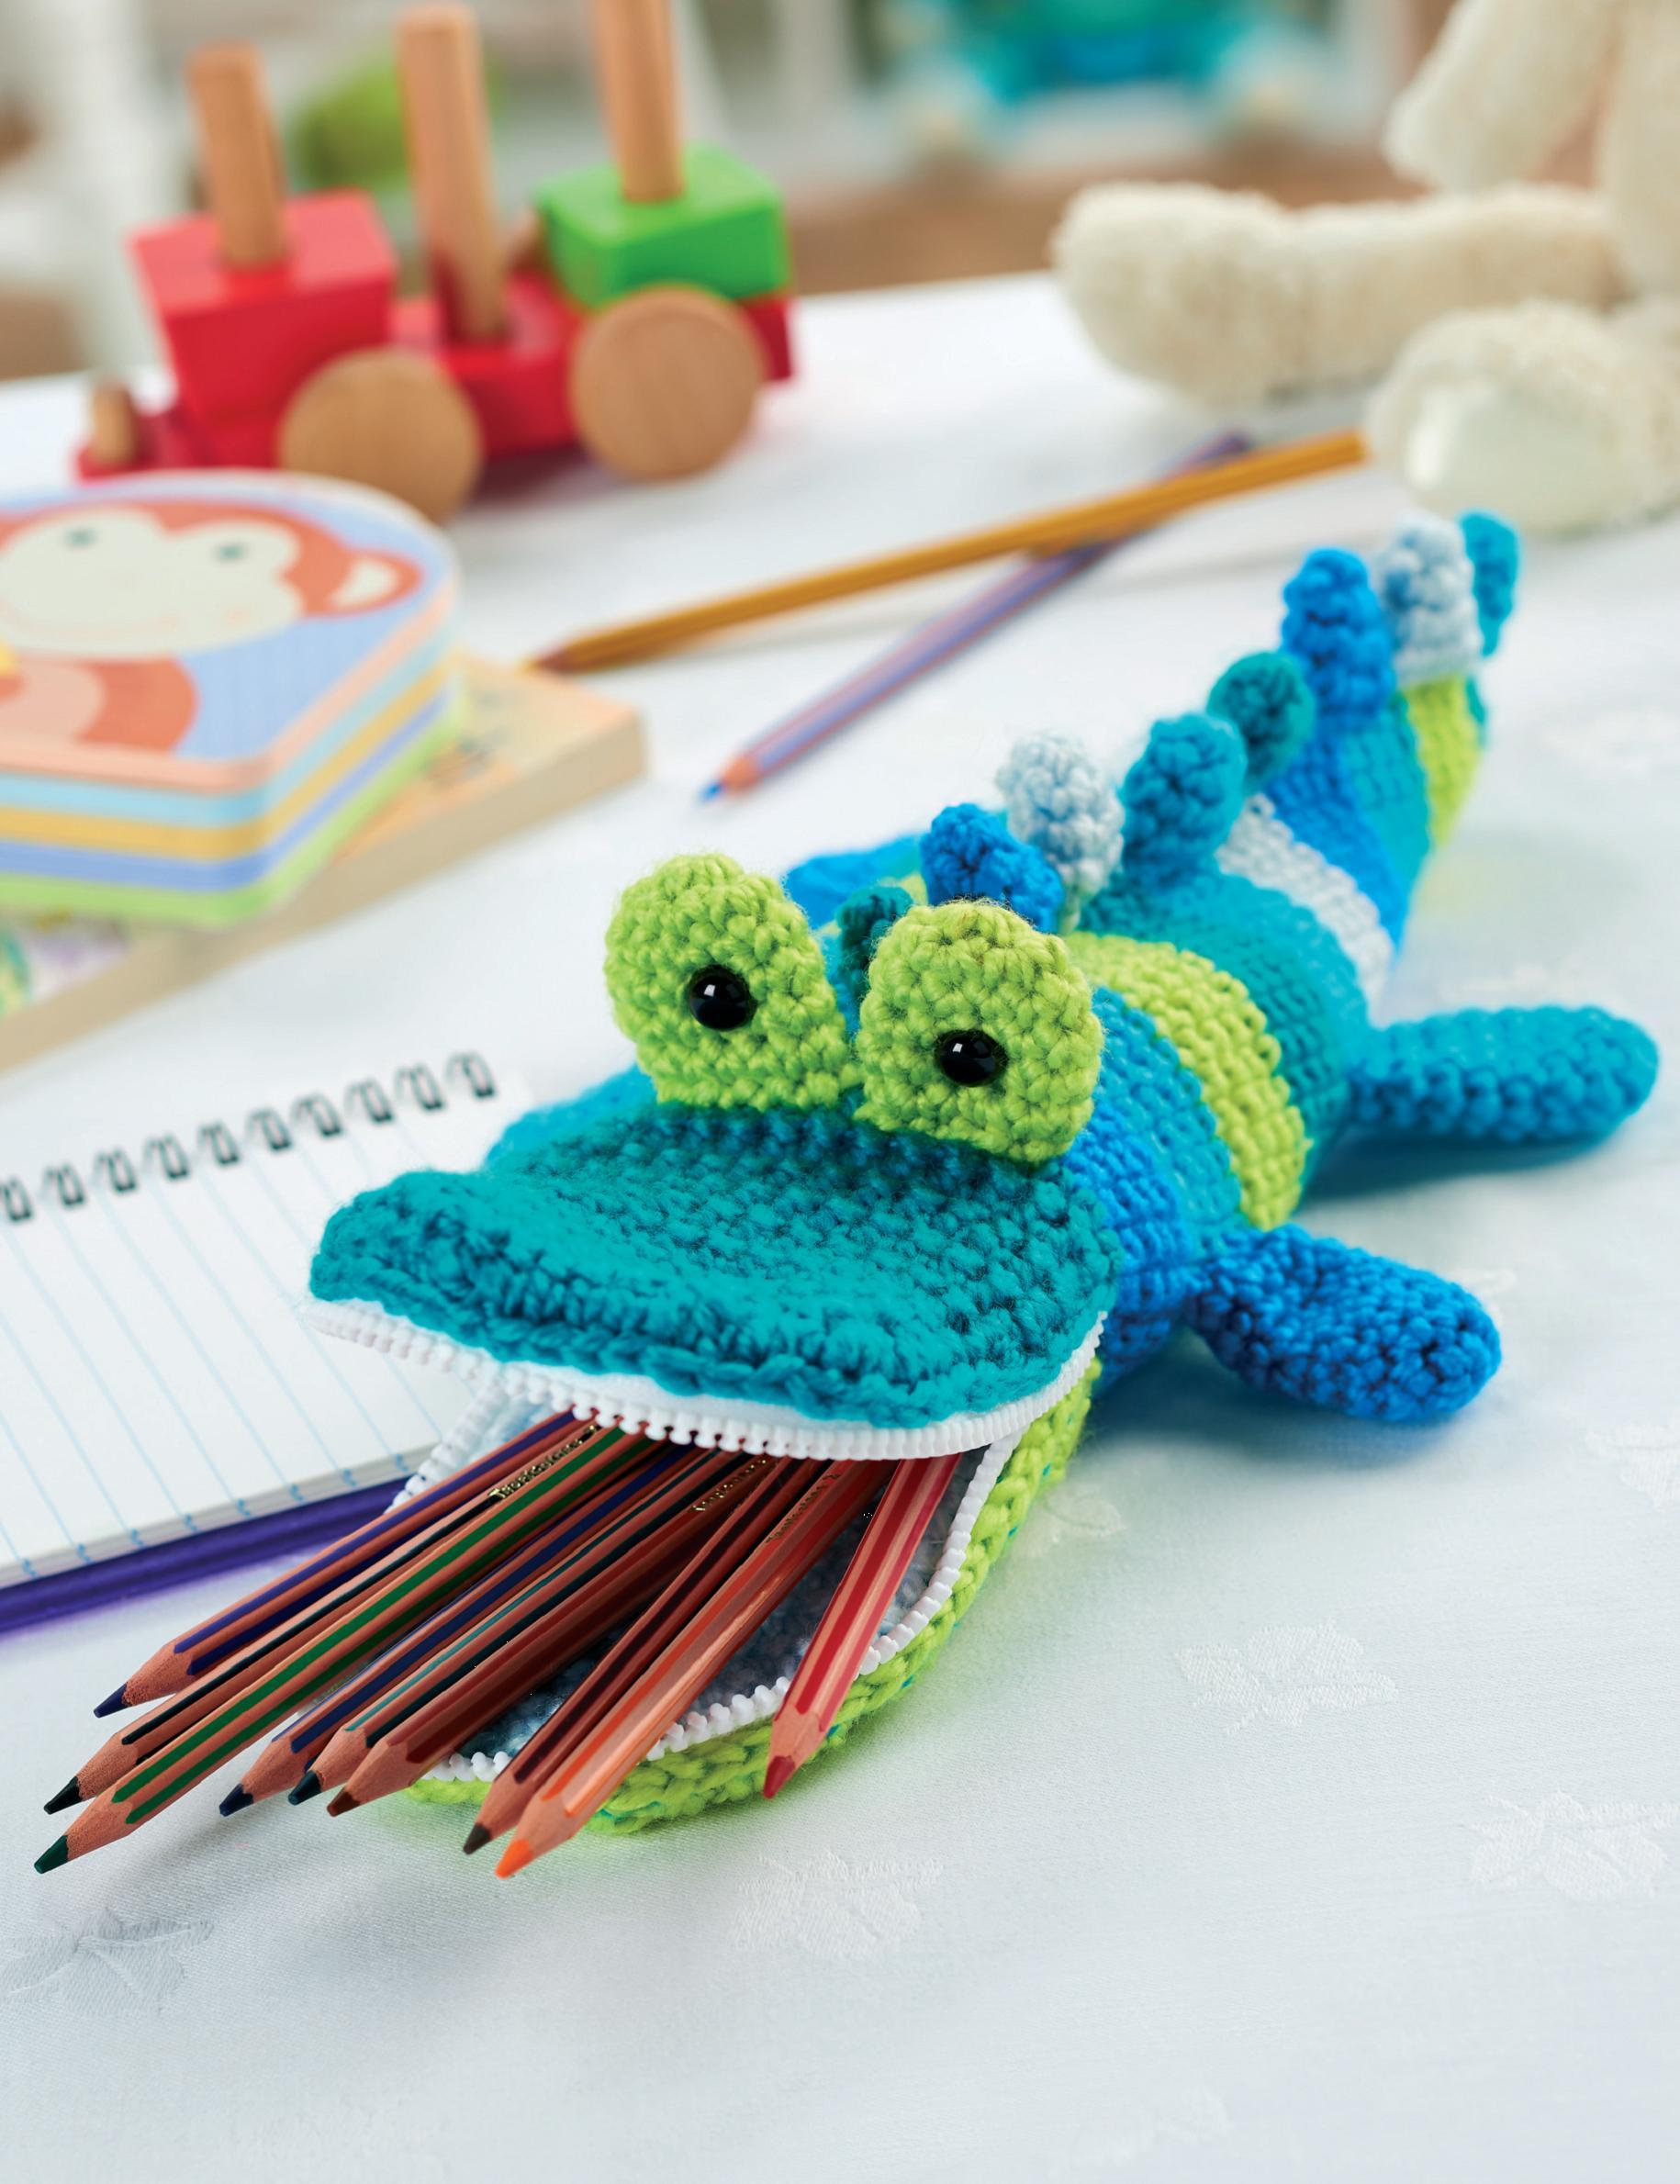 Crochet Crocodile Pencil Case Crochet Pattern